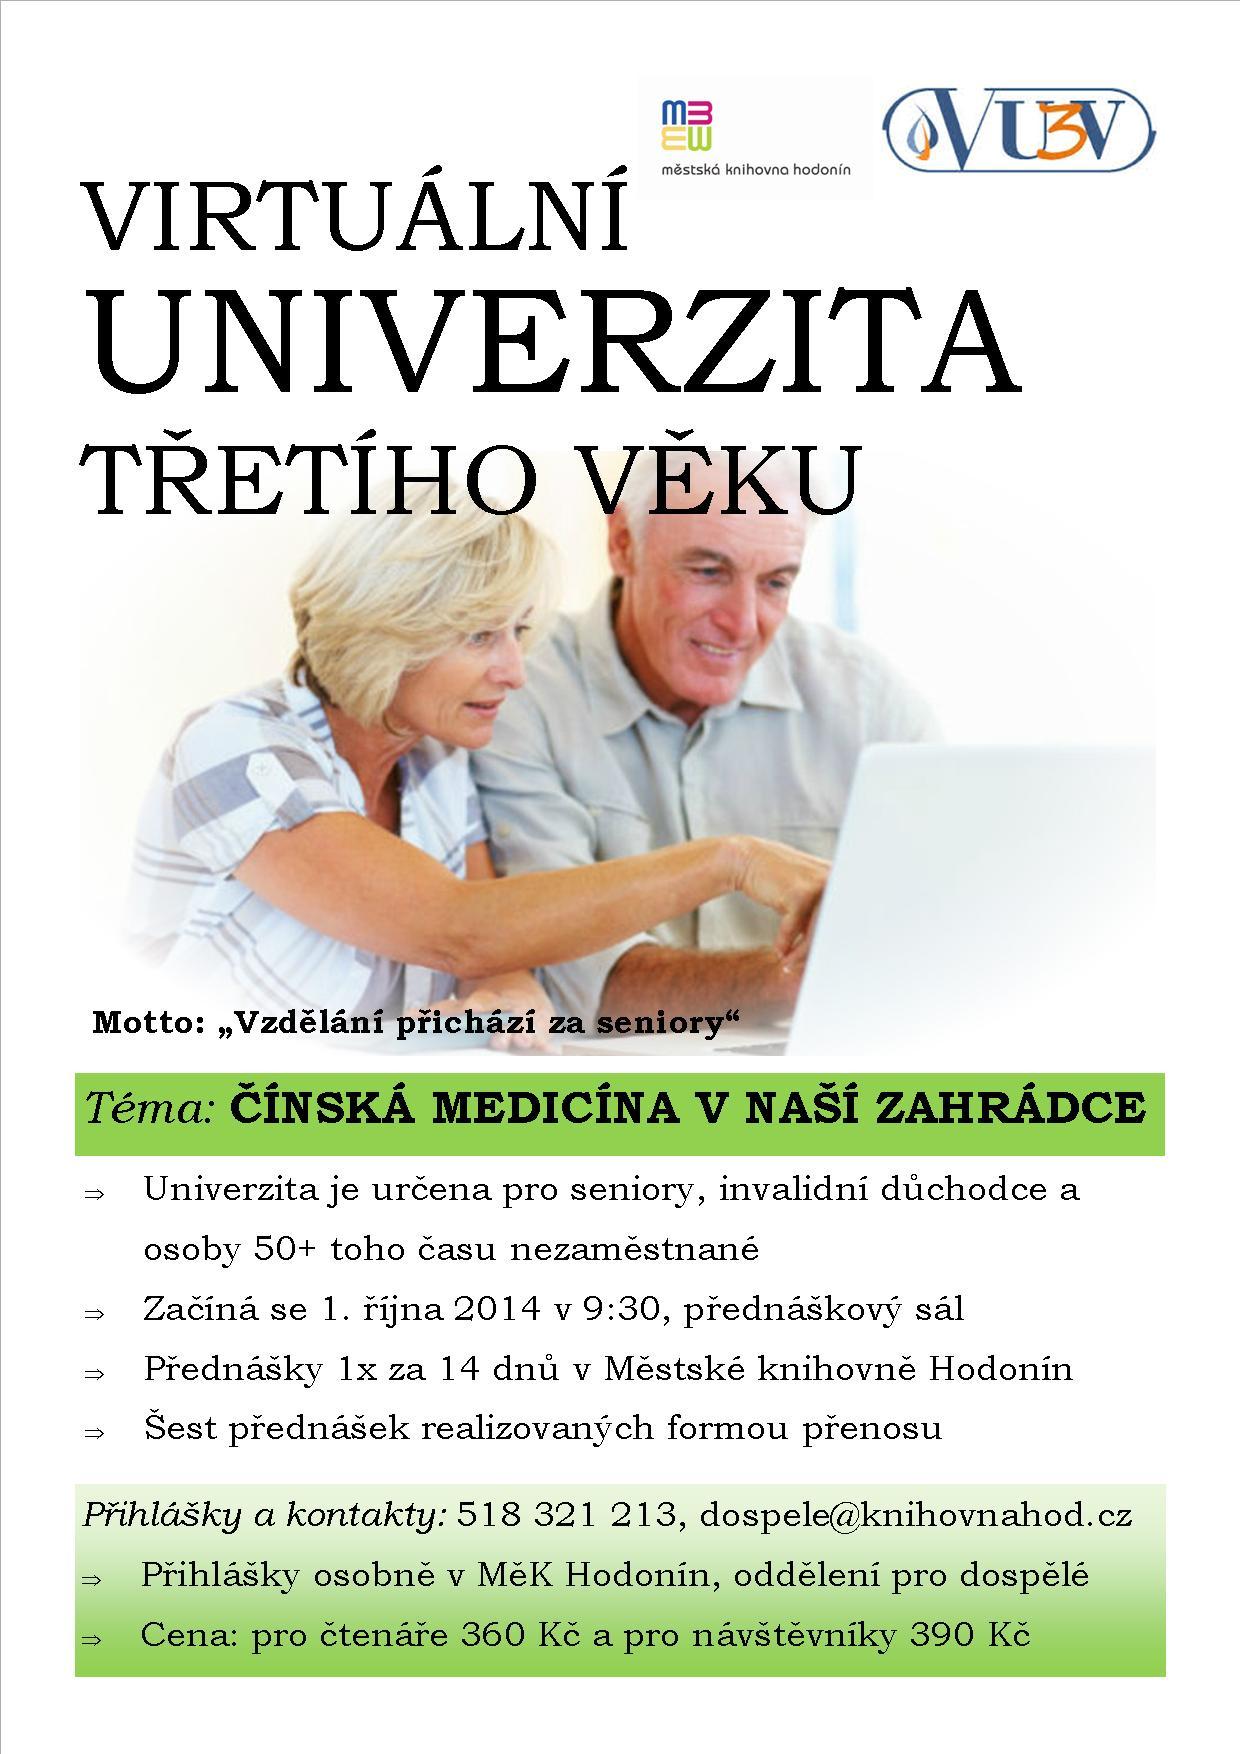 Virtuální univerzita třetího věku